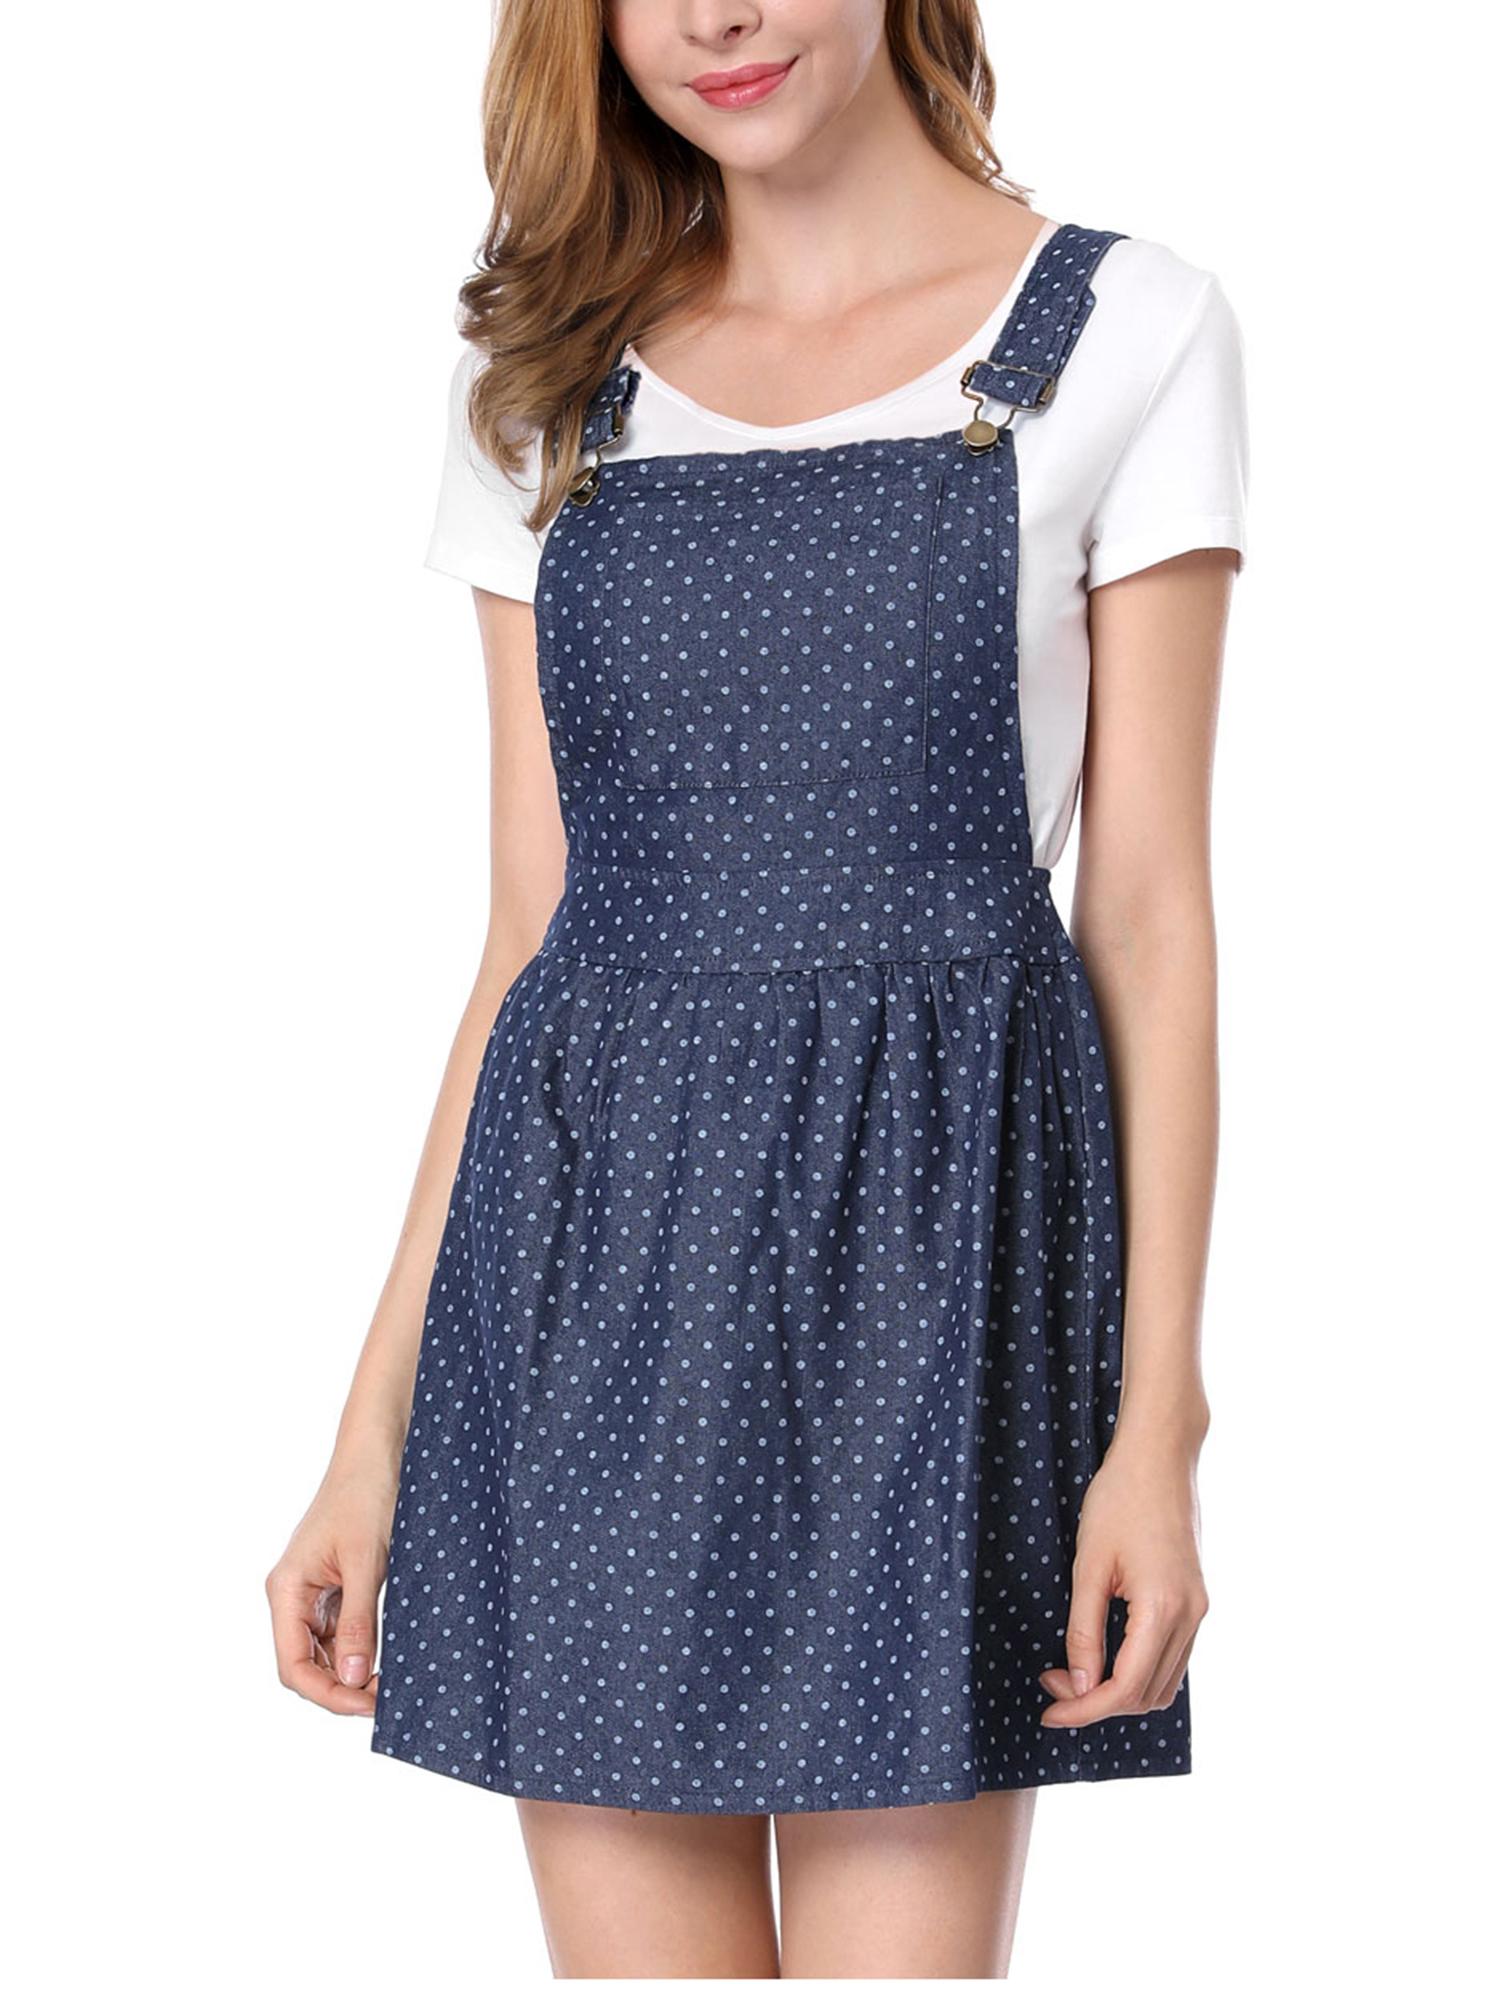 Lady Dots Print Adjustable Shoulder Straps Denim Suspender Dress Dark Blue S